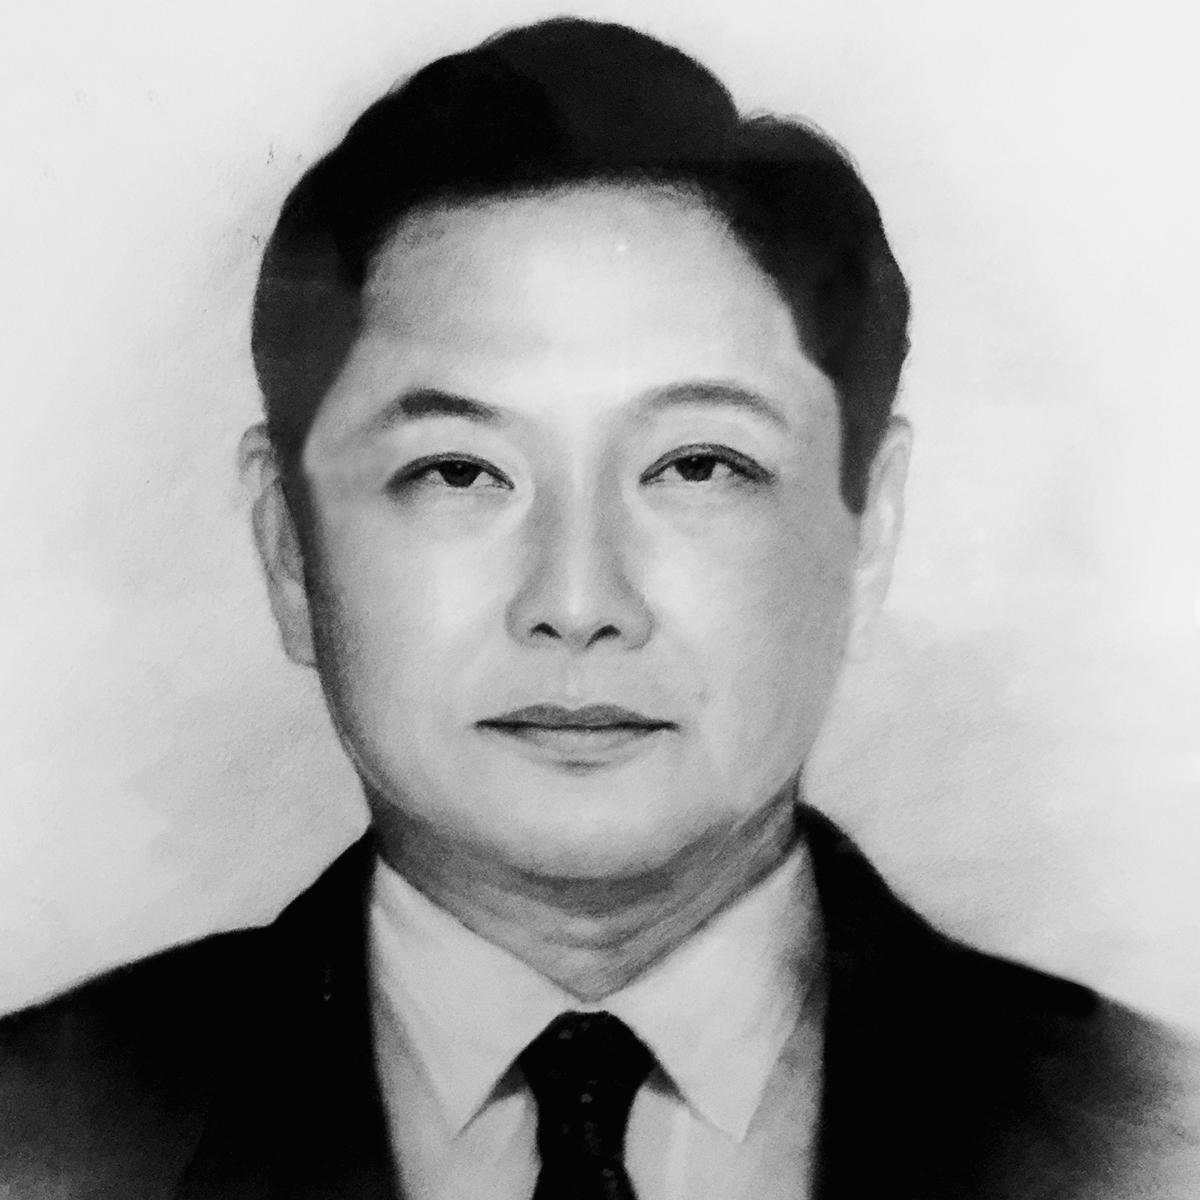 Edward S. Gaisano